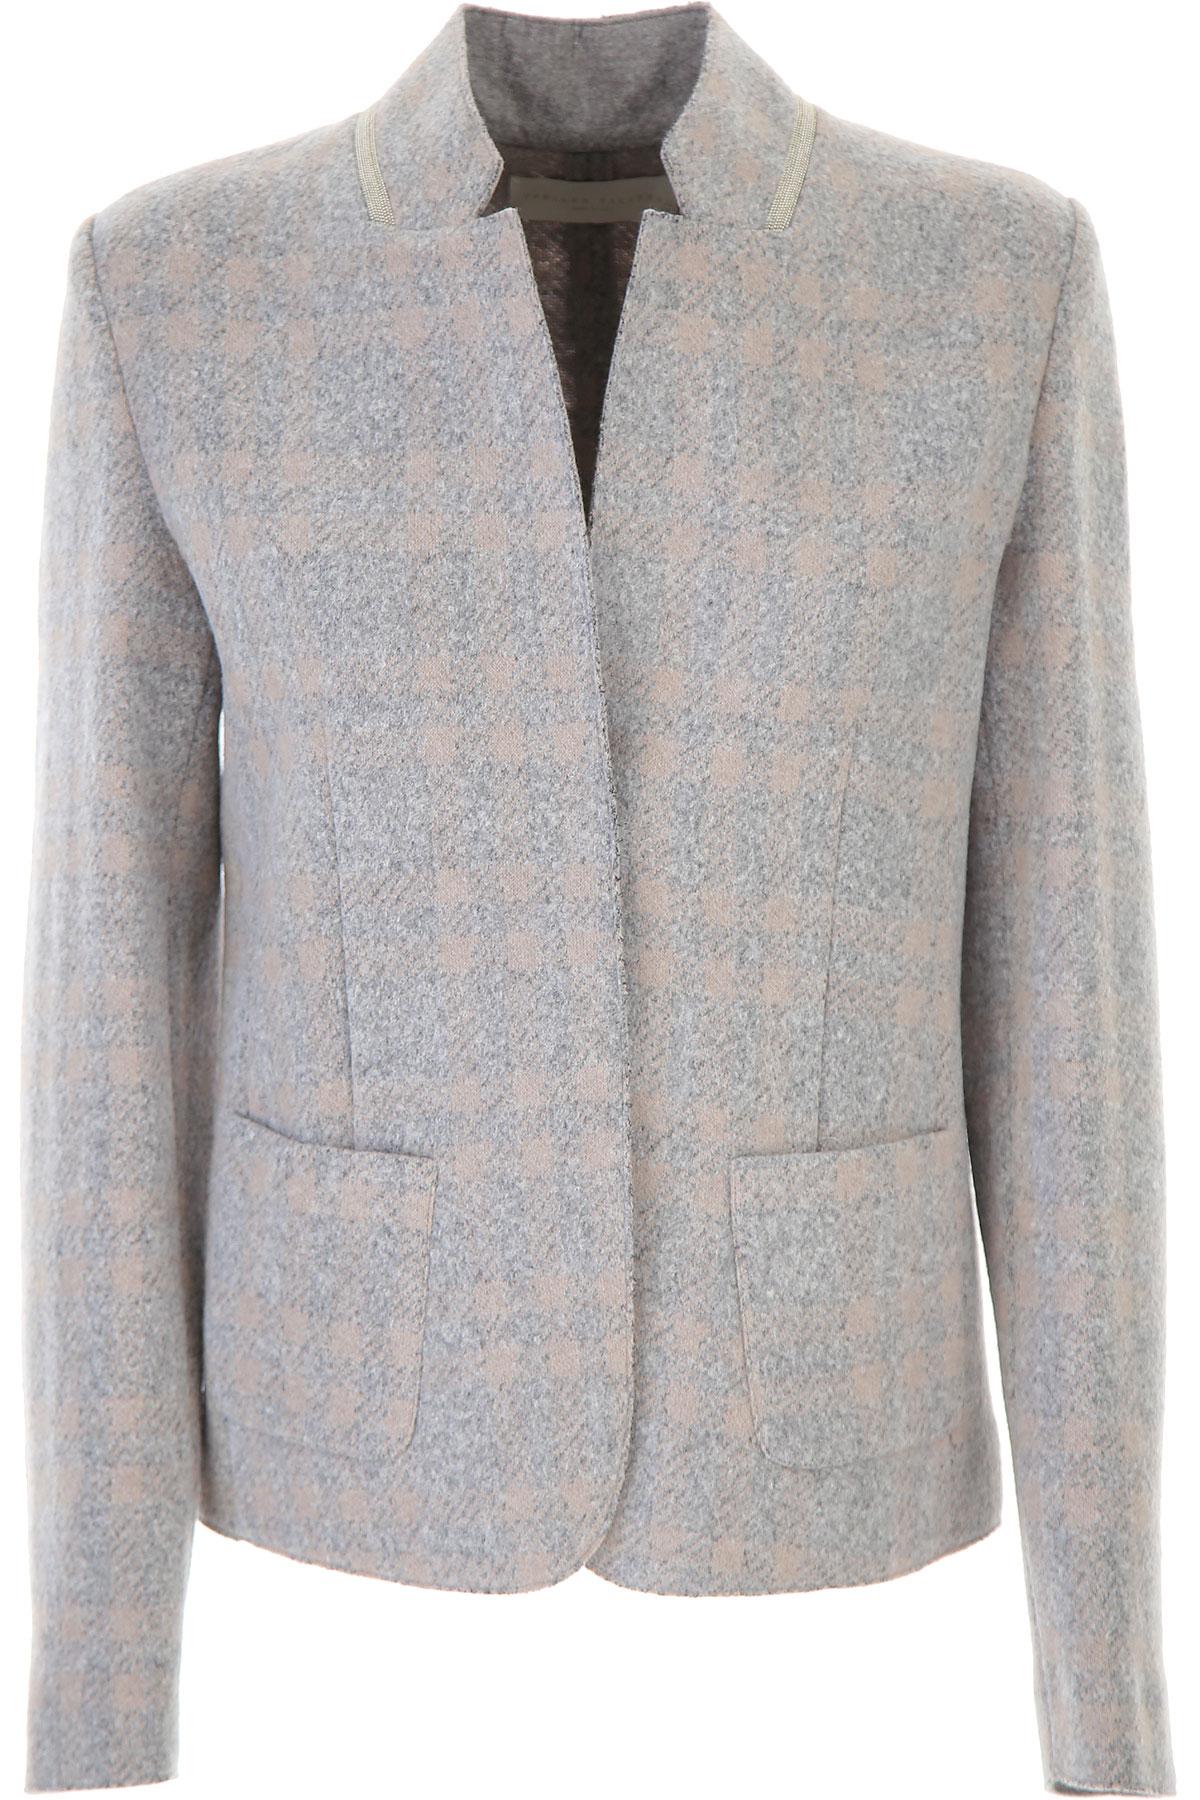 Fabiana Filippi Jacket for Women On Sale, Grey, Virgin wool, 2019, 4 6 8